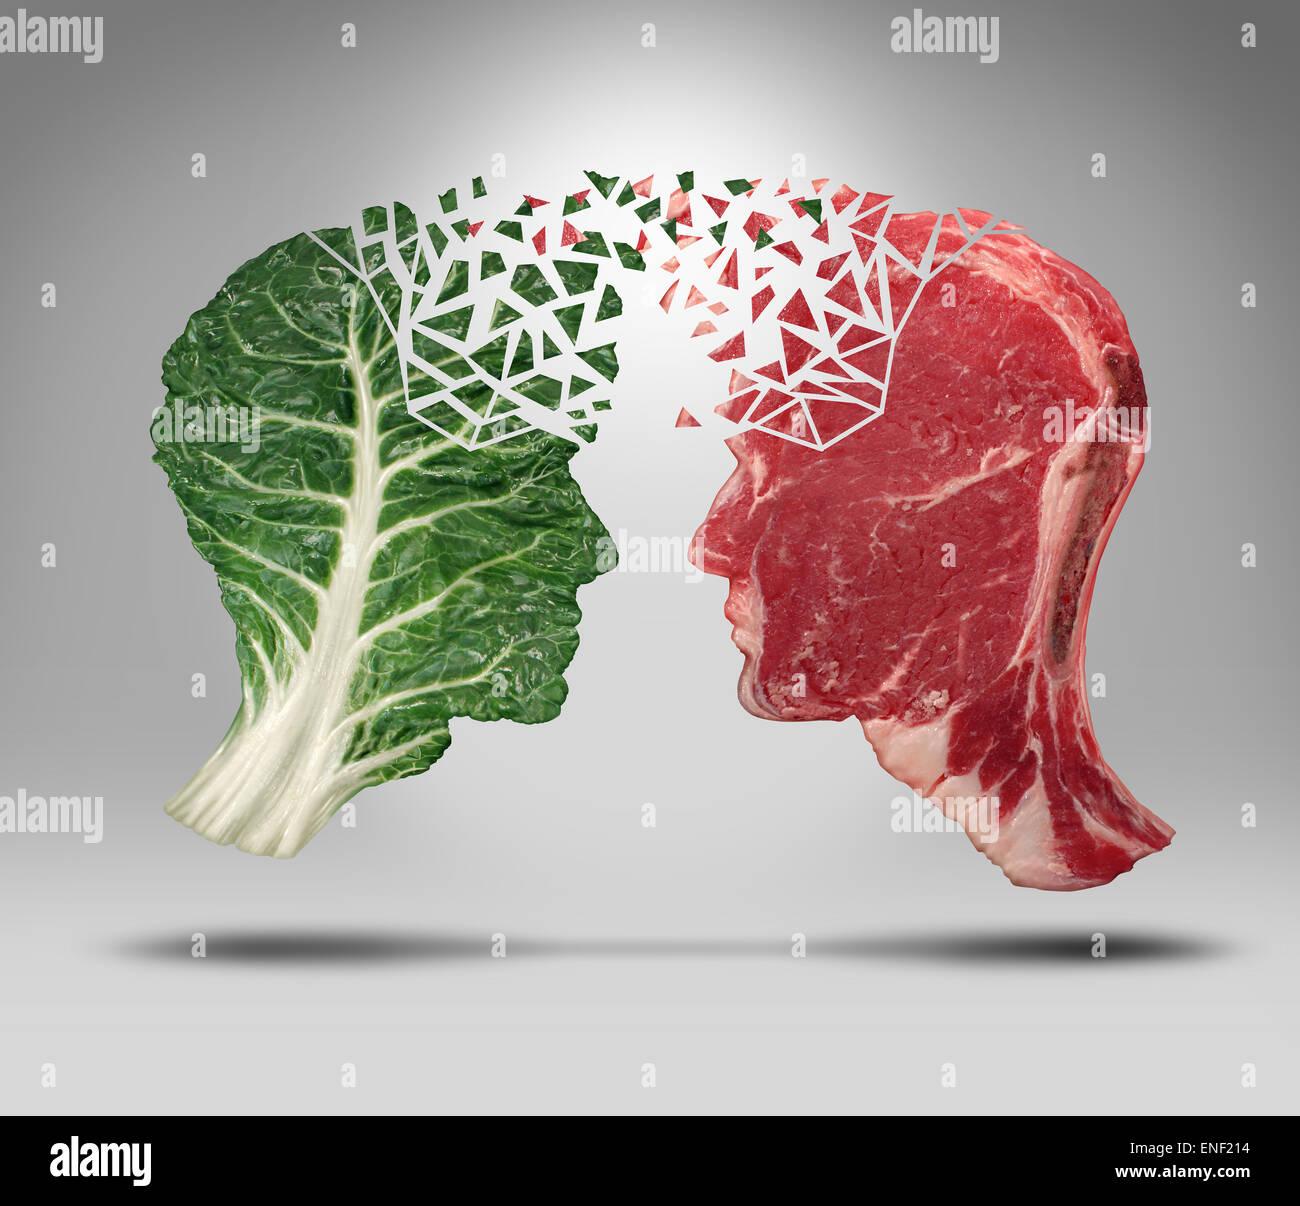 Informazioni alimentari e mangiare equilibrio di salute concetto di scambio relative a scelte con una testa umana Immagini Stock